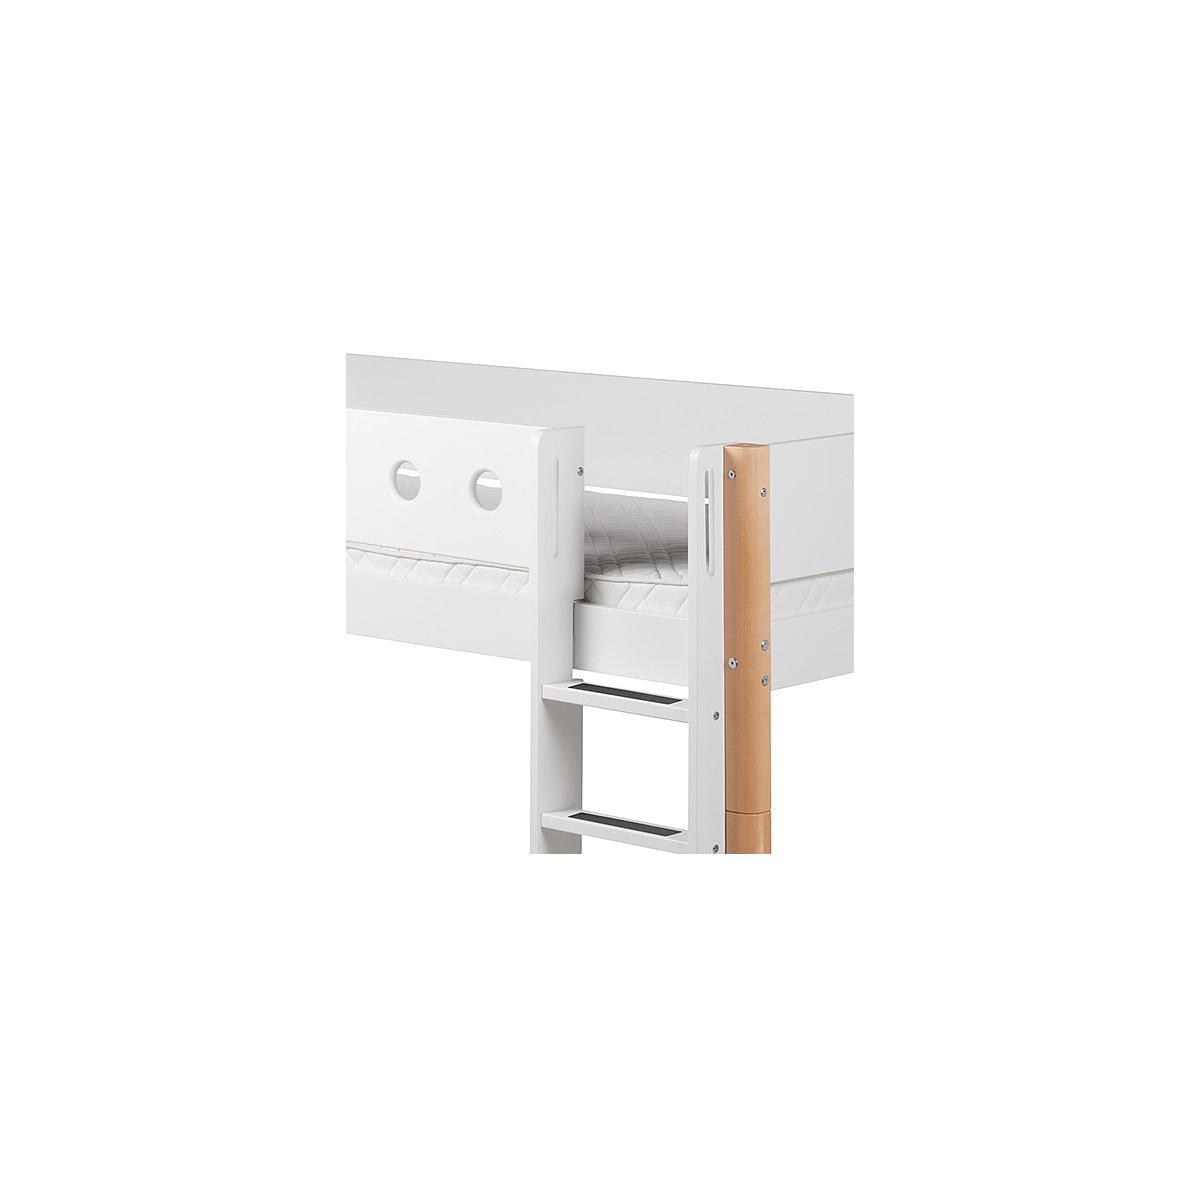 Cama media alta 90x200 WHITE Flexa escalera recta barrera blanca patas abedul